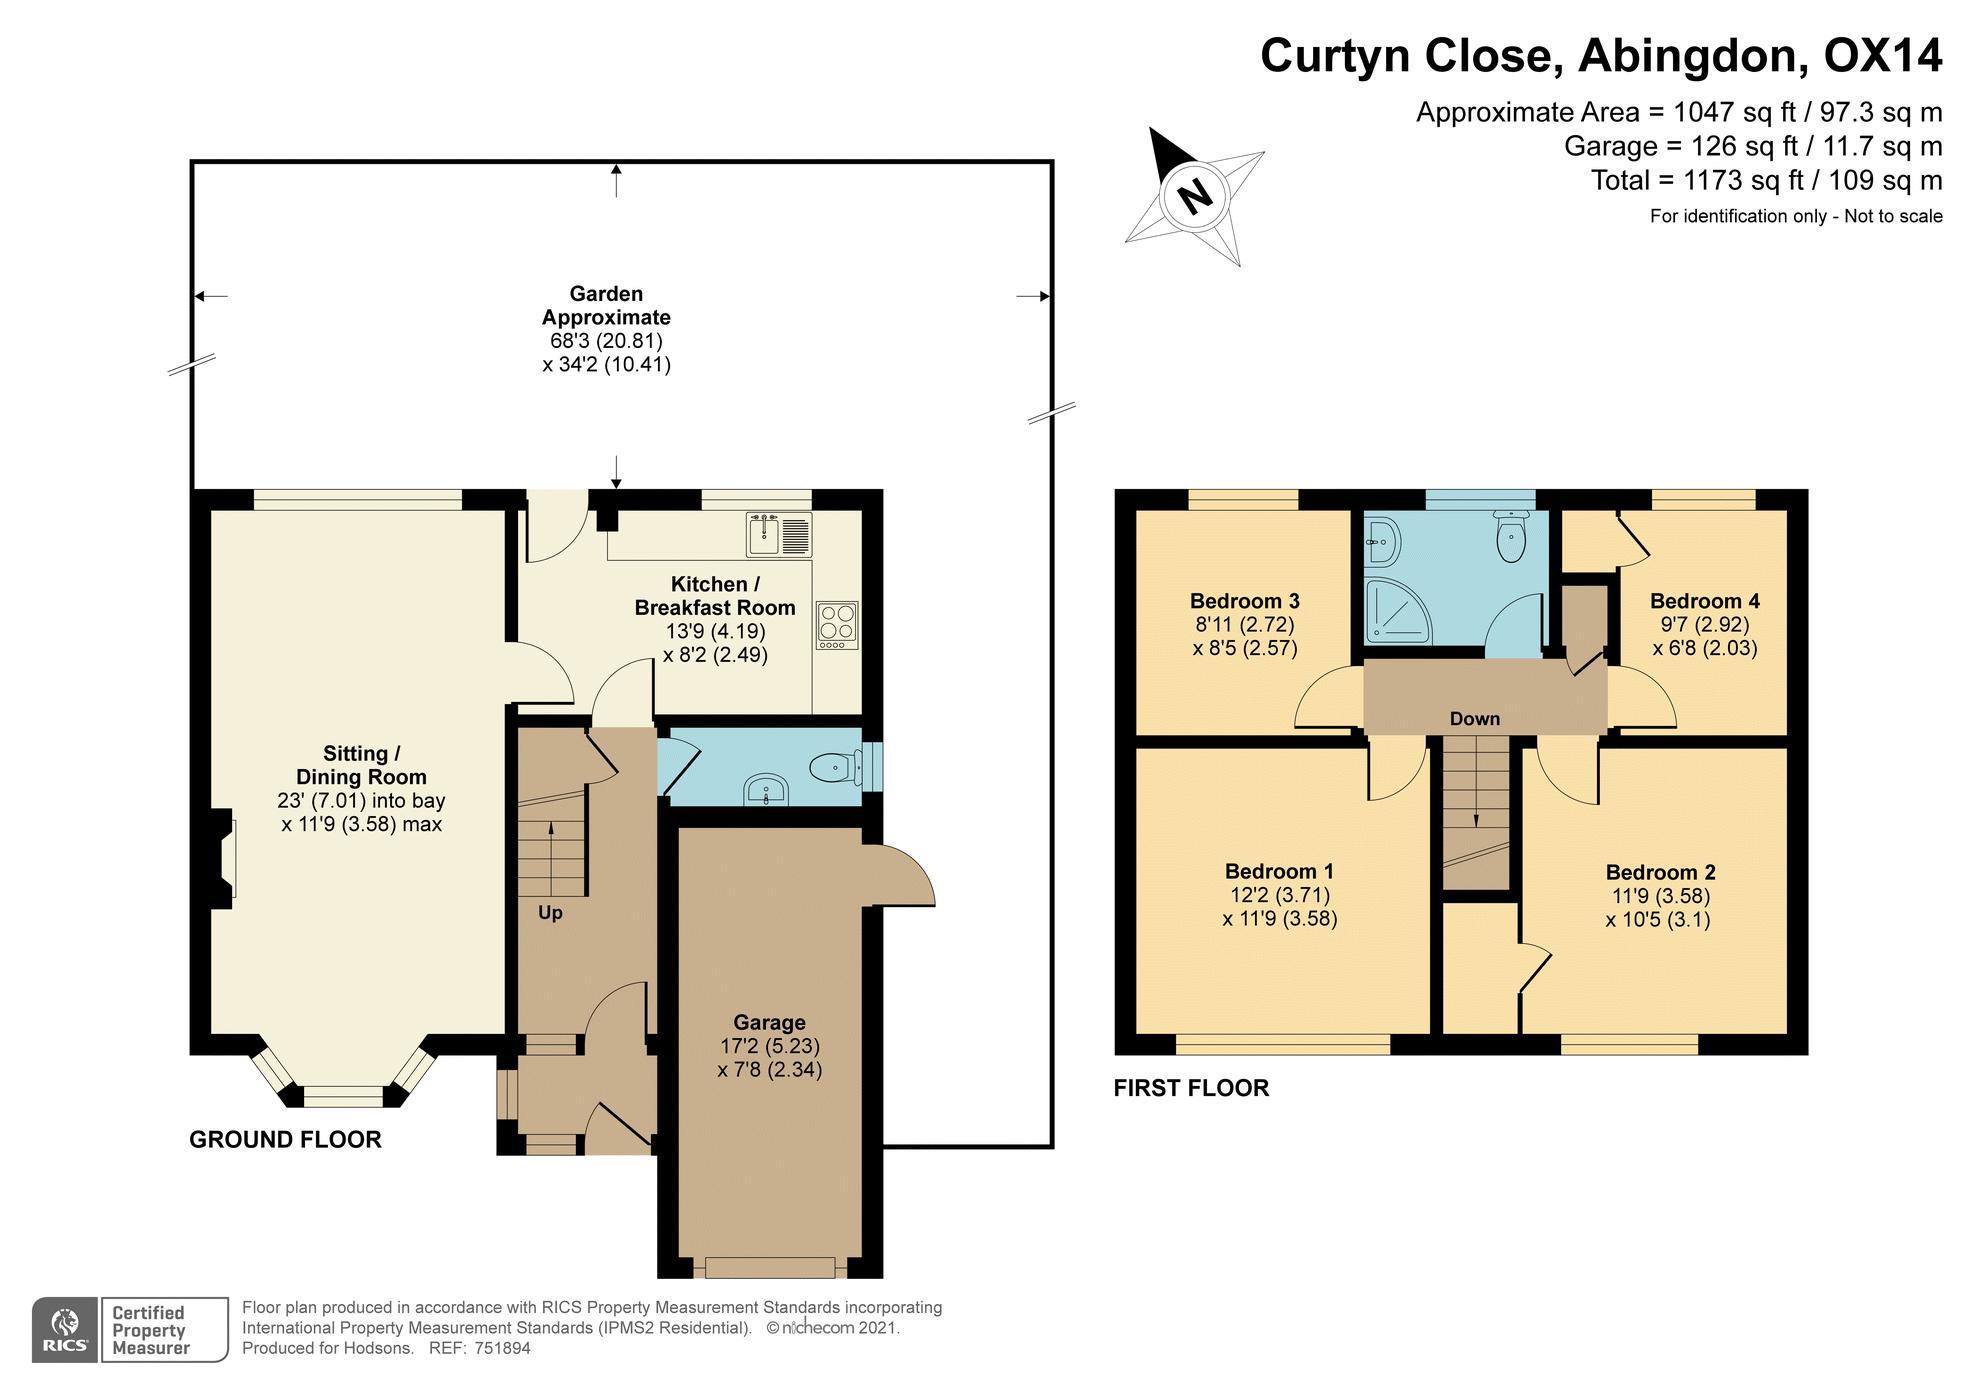 Curtyn Close